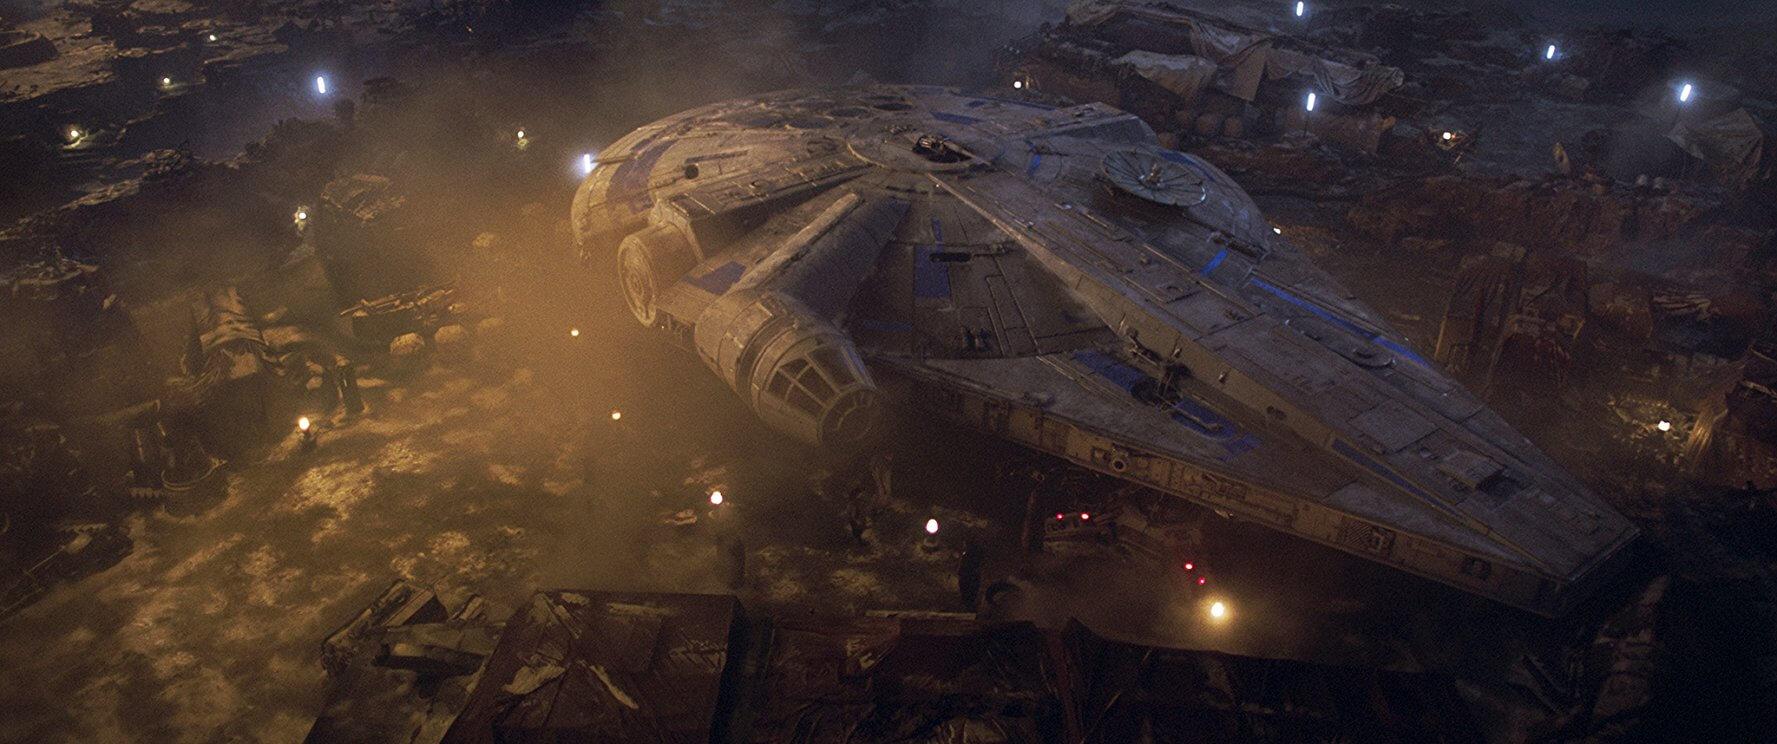 擁有漫長歷史的 《 星際大戰 》電影系列一直是全球影迷的關注焦點。